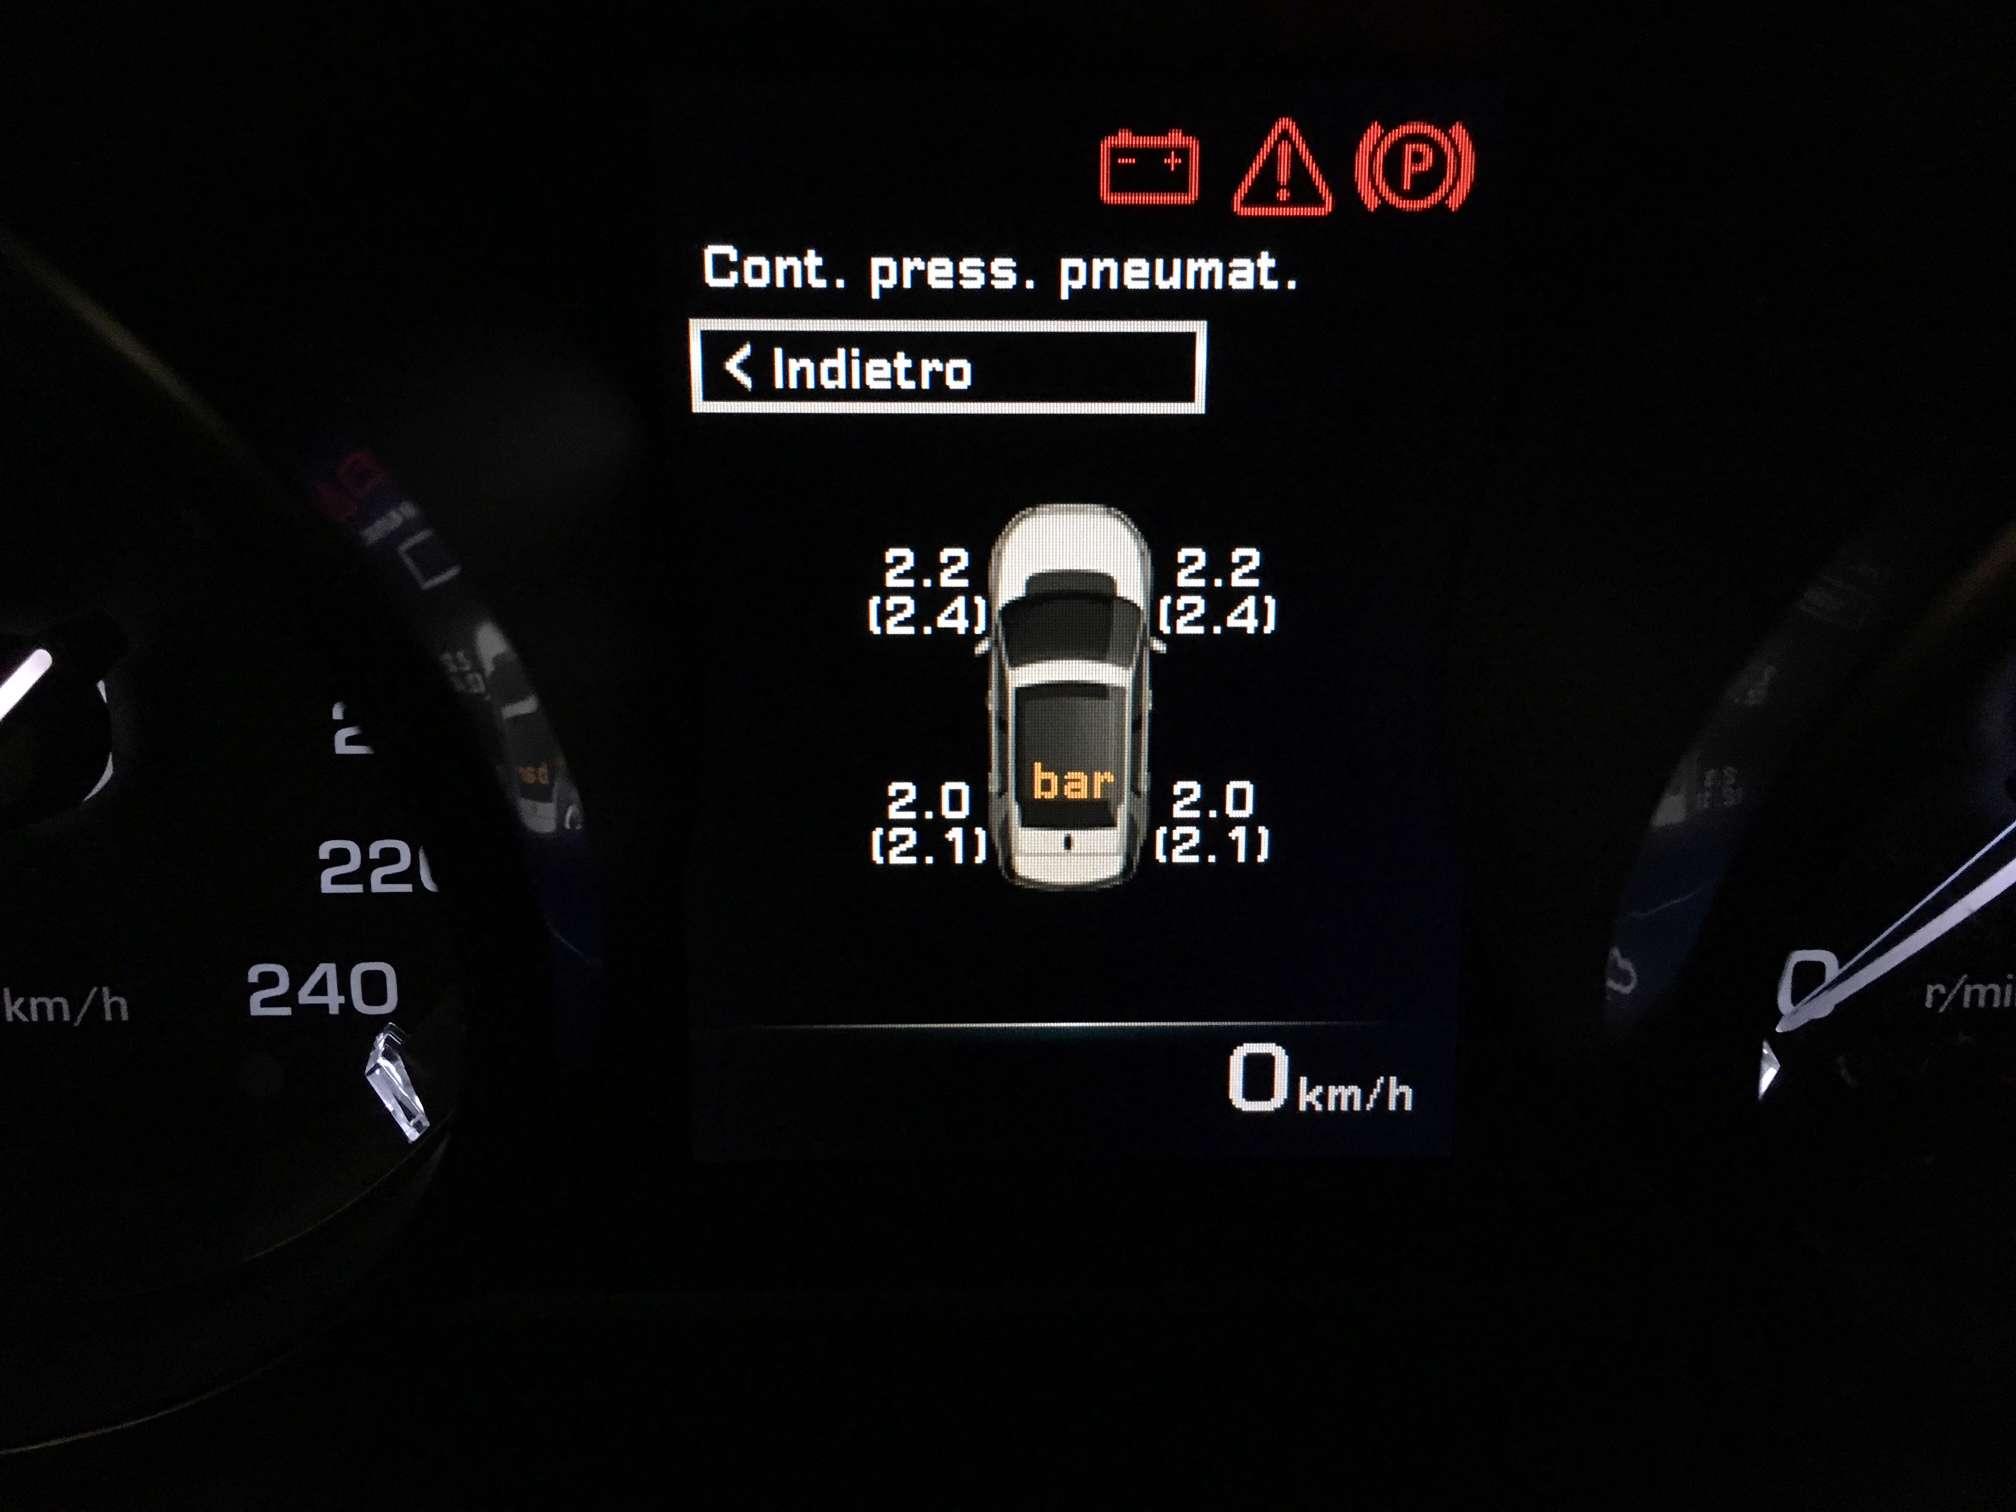 wipmz54 pompa da bicicletta al posto del compressore - Pagina 2 Img_1310